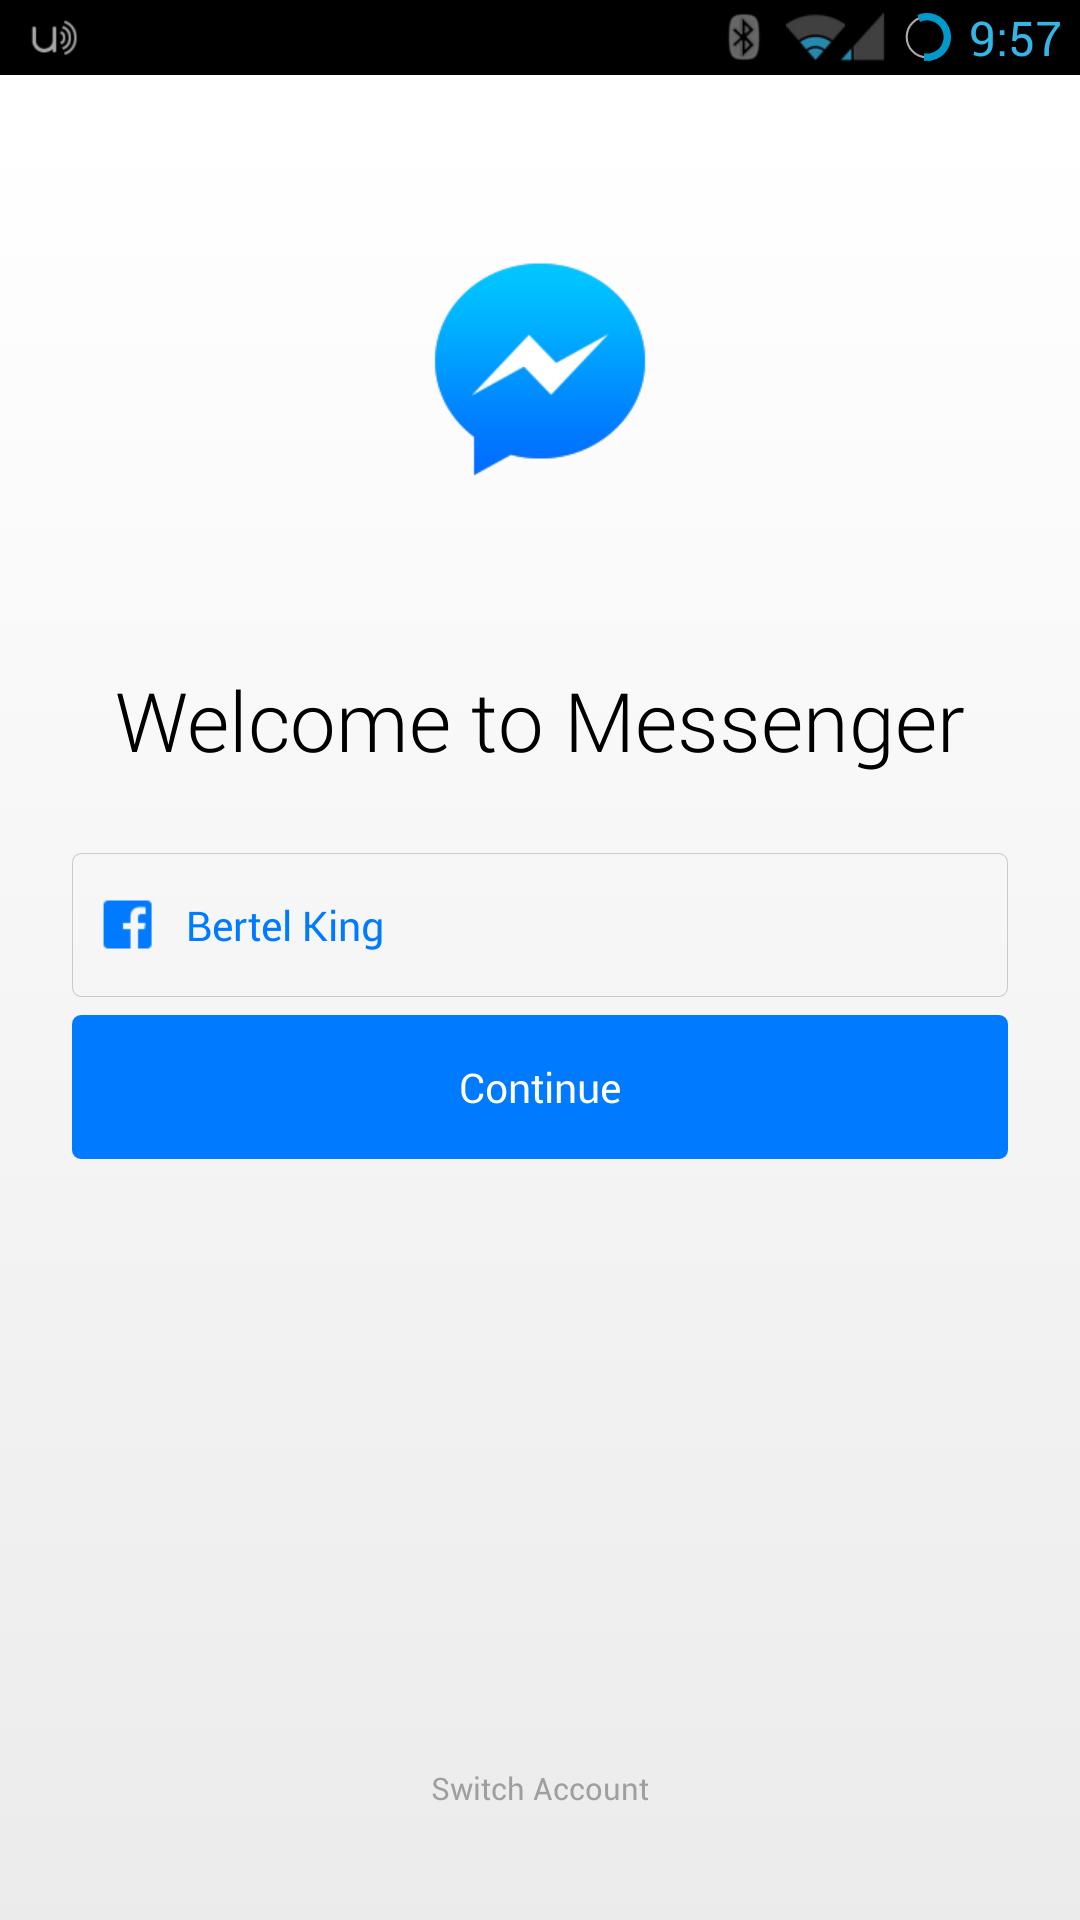 Telecharger facebook messenger android apk gratuit